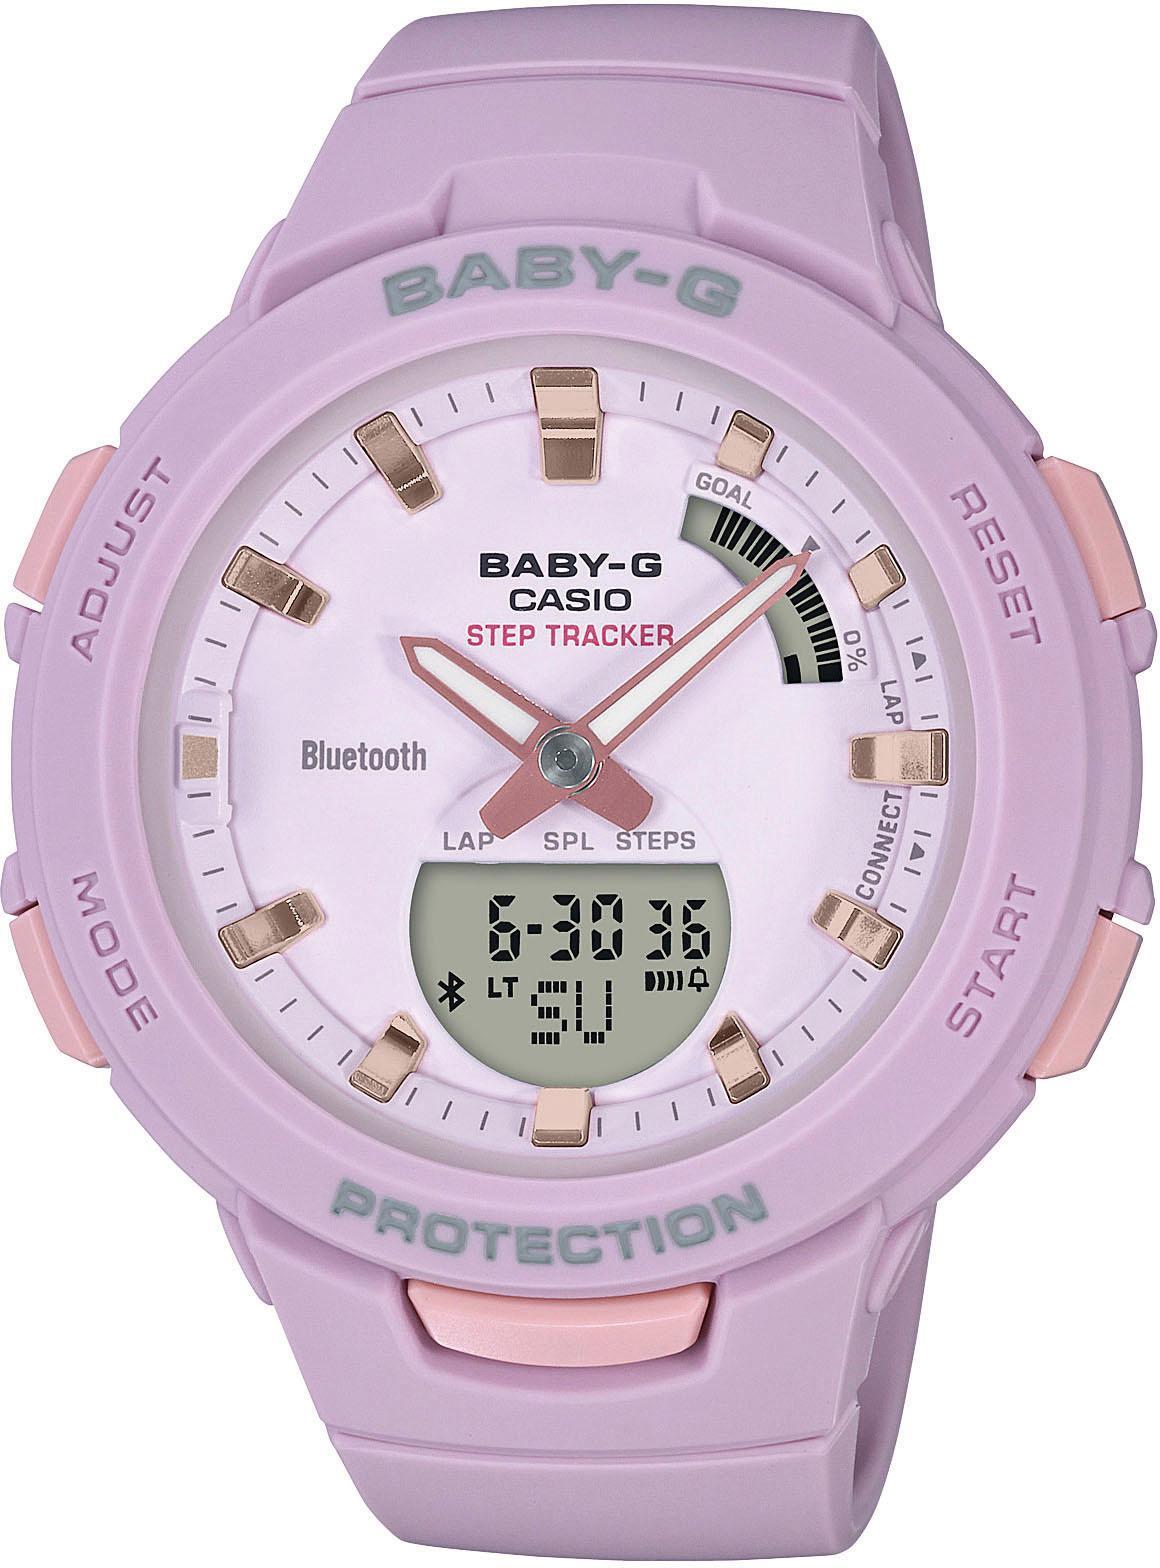 CASIO BABY-G BSA-B100-4A2ER Smartwatch | Uhren > Smartwatches | CASIO BABY-G